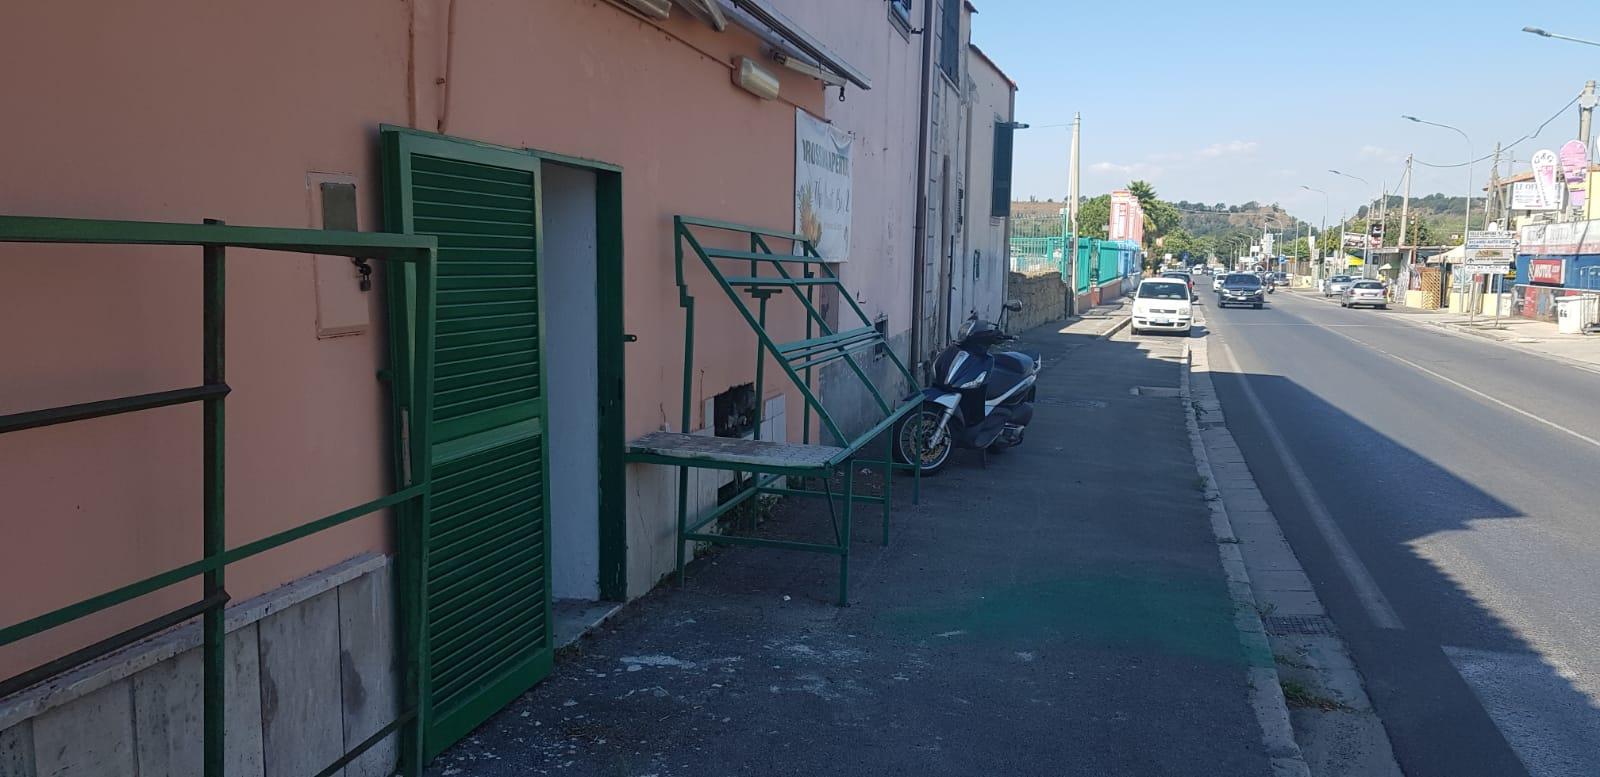 Pozzuoli, via campana, locale commerciale 30mq, su strada